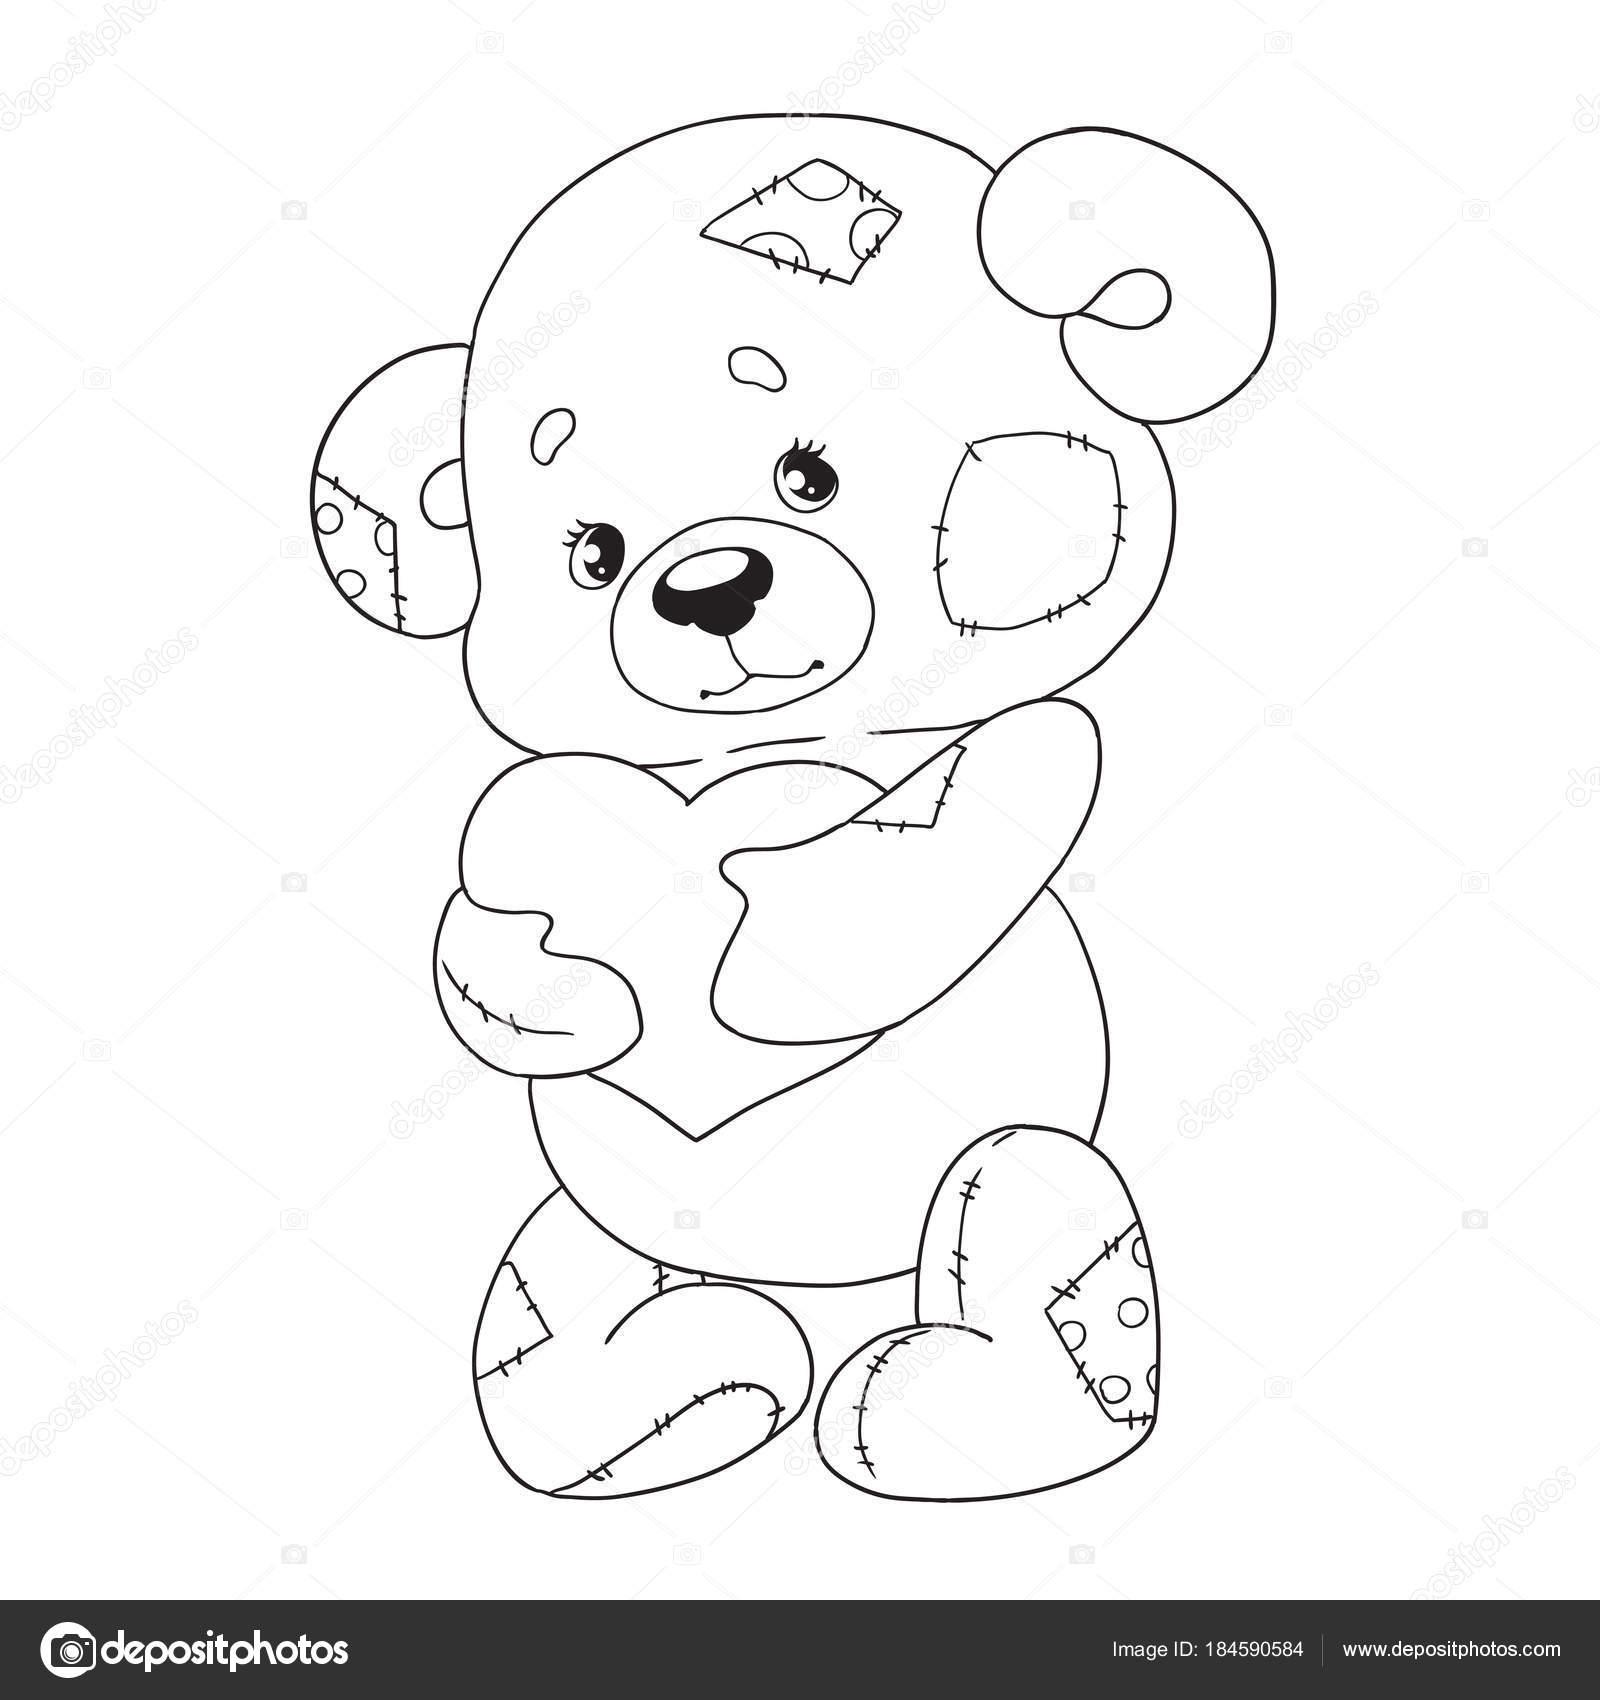 Niedlichen Cartoon Charakter Teddy. Bär mit Herz. Malbuch. Vektor ...